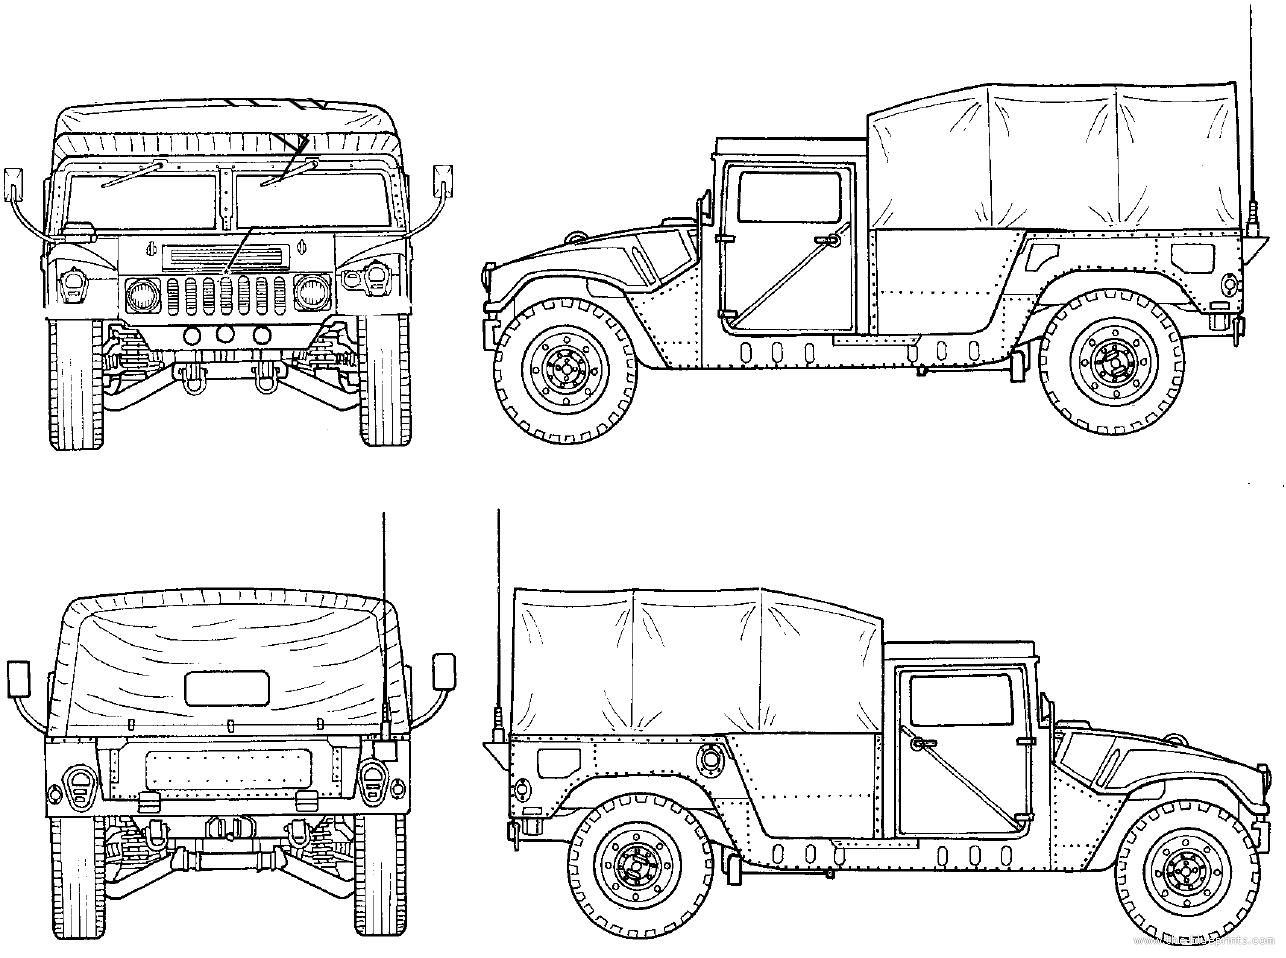 Blueprints > Cars > Hummer > M1025 HMMWV